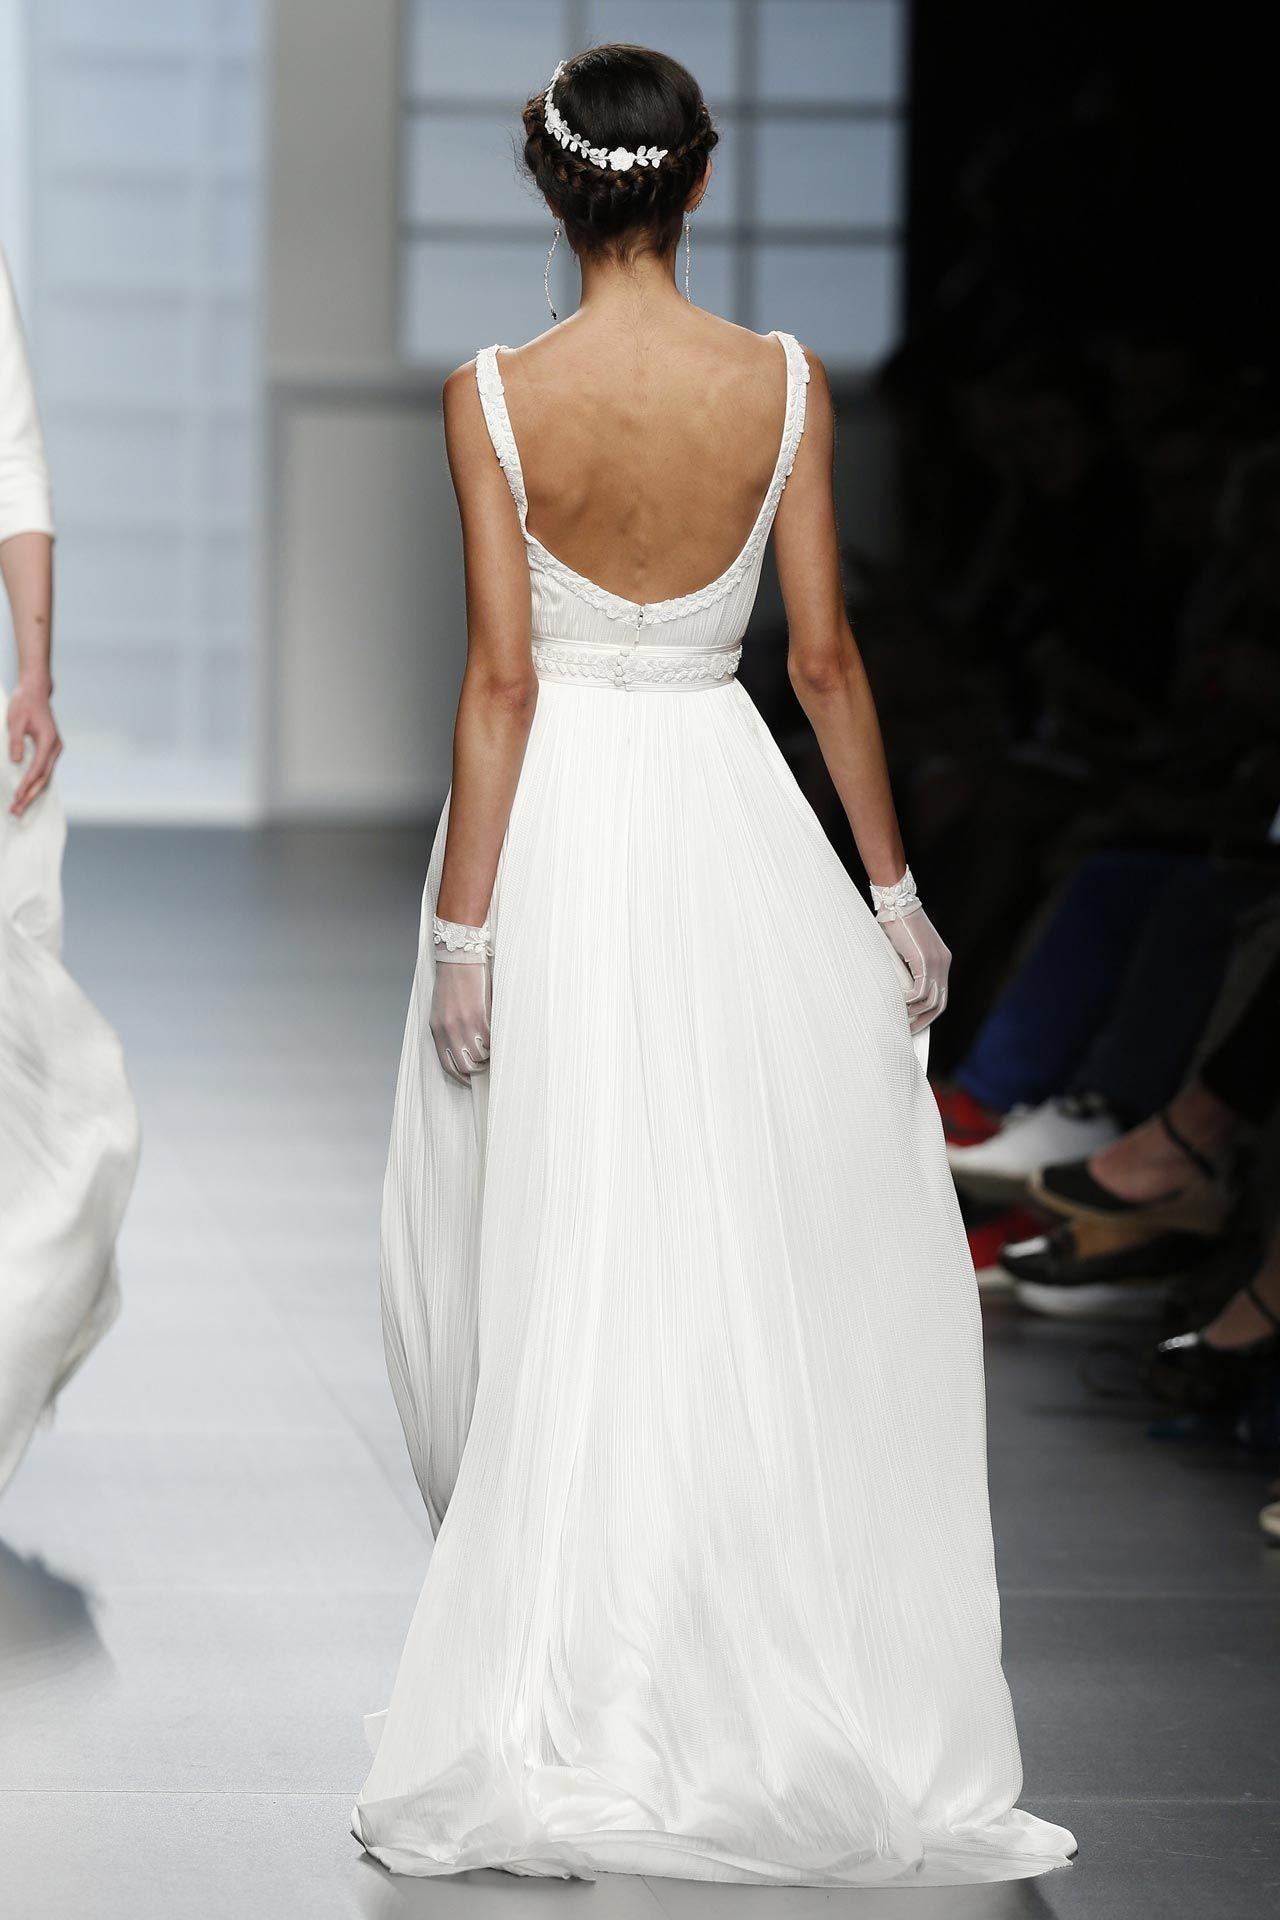 Свадебное платье стиля Ампир. Греческий силуэт